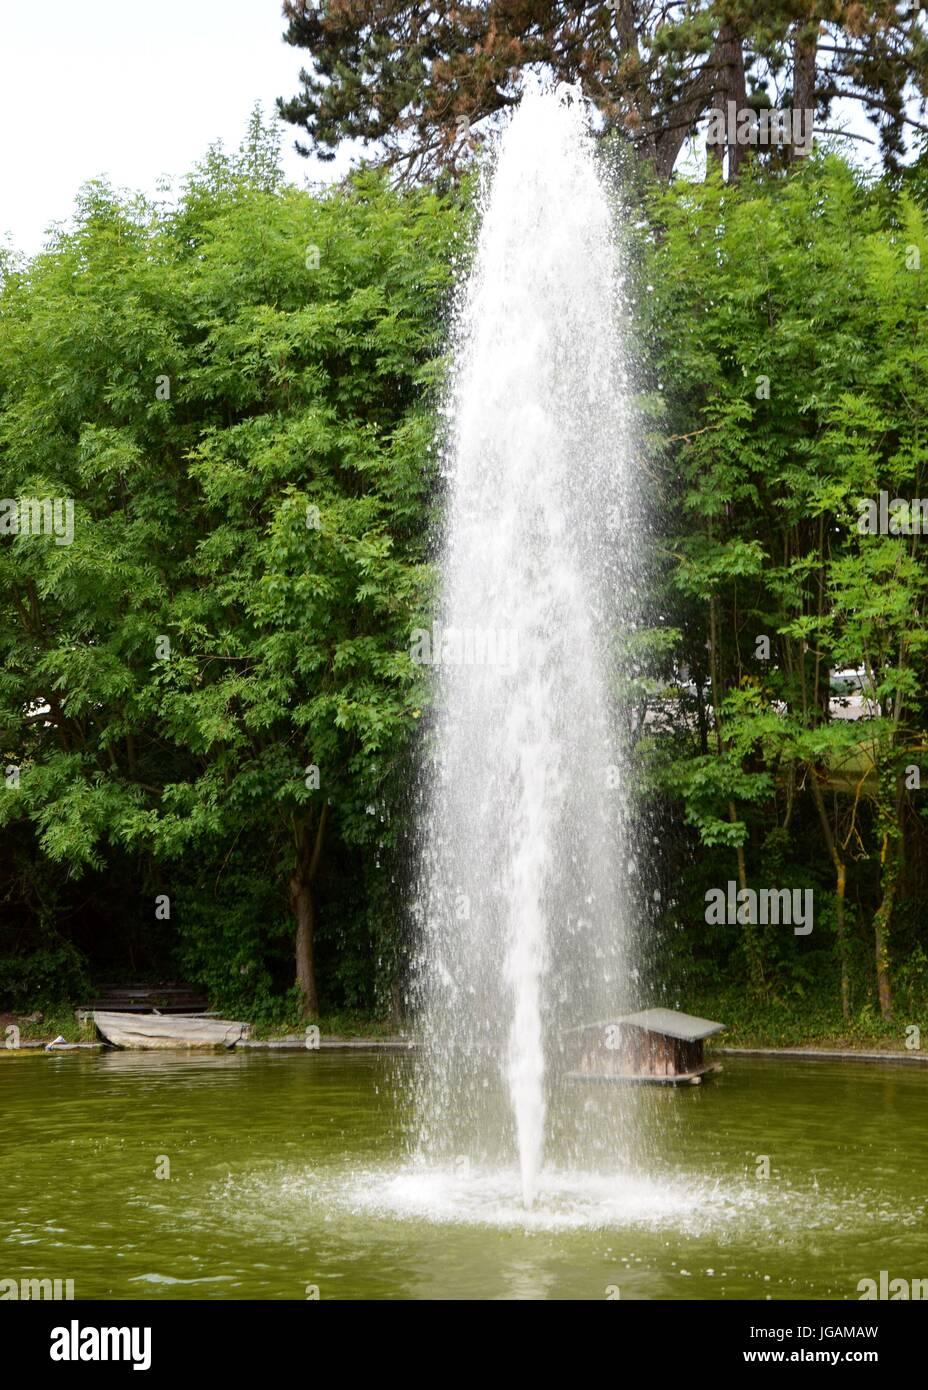 Teich stockfotos teich bilder alamy - Gartenteich springbrunnen ...